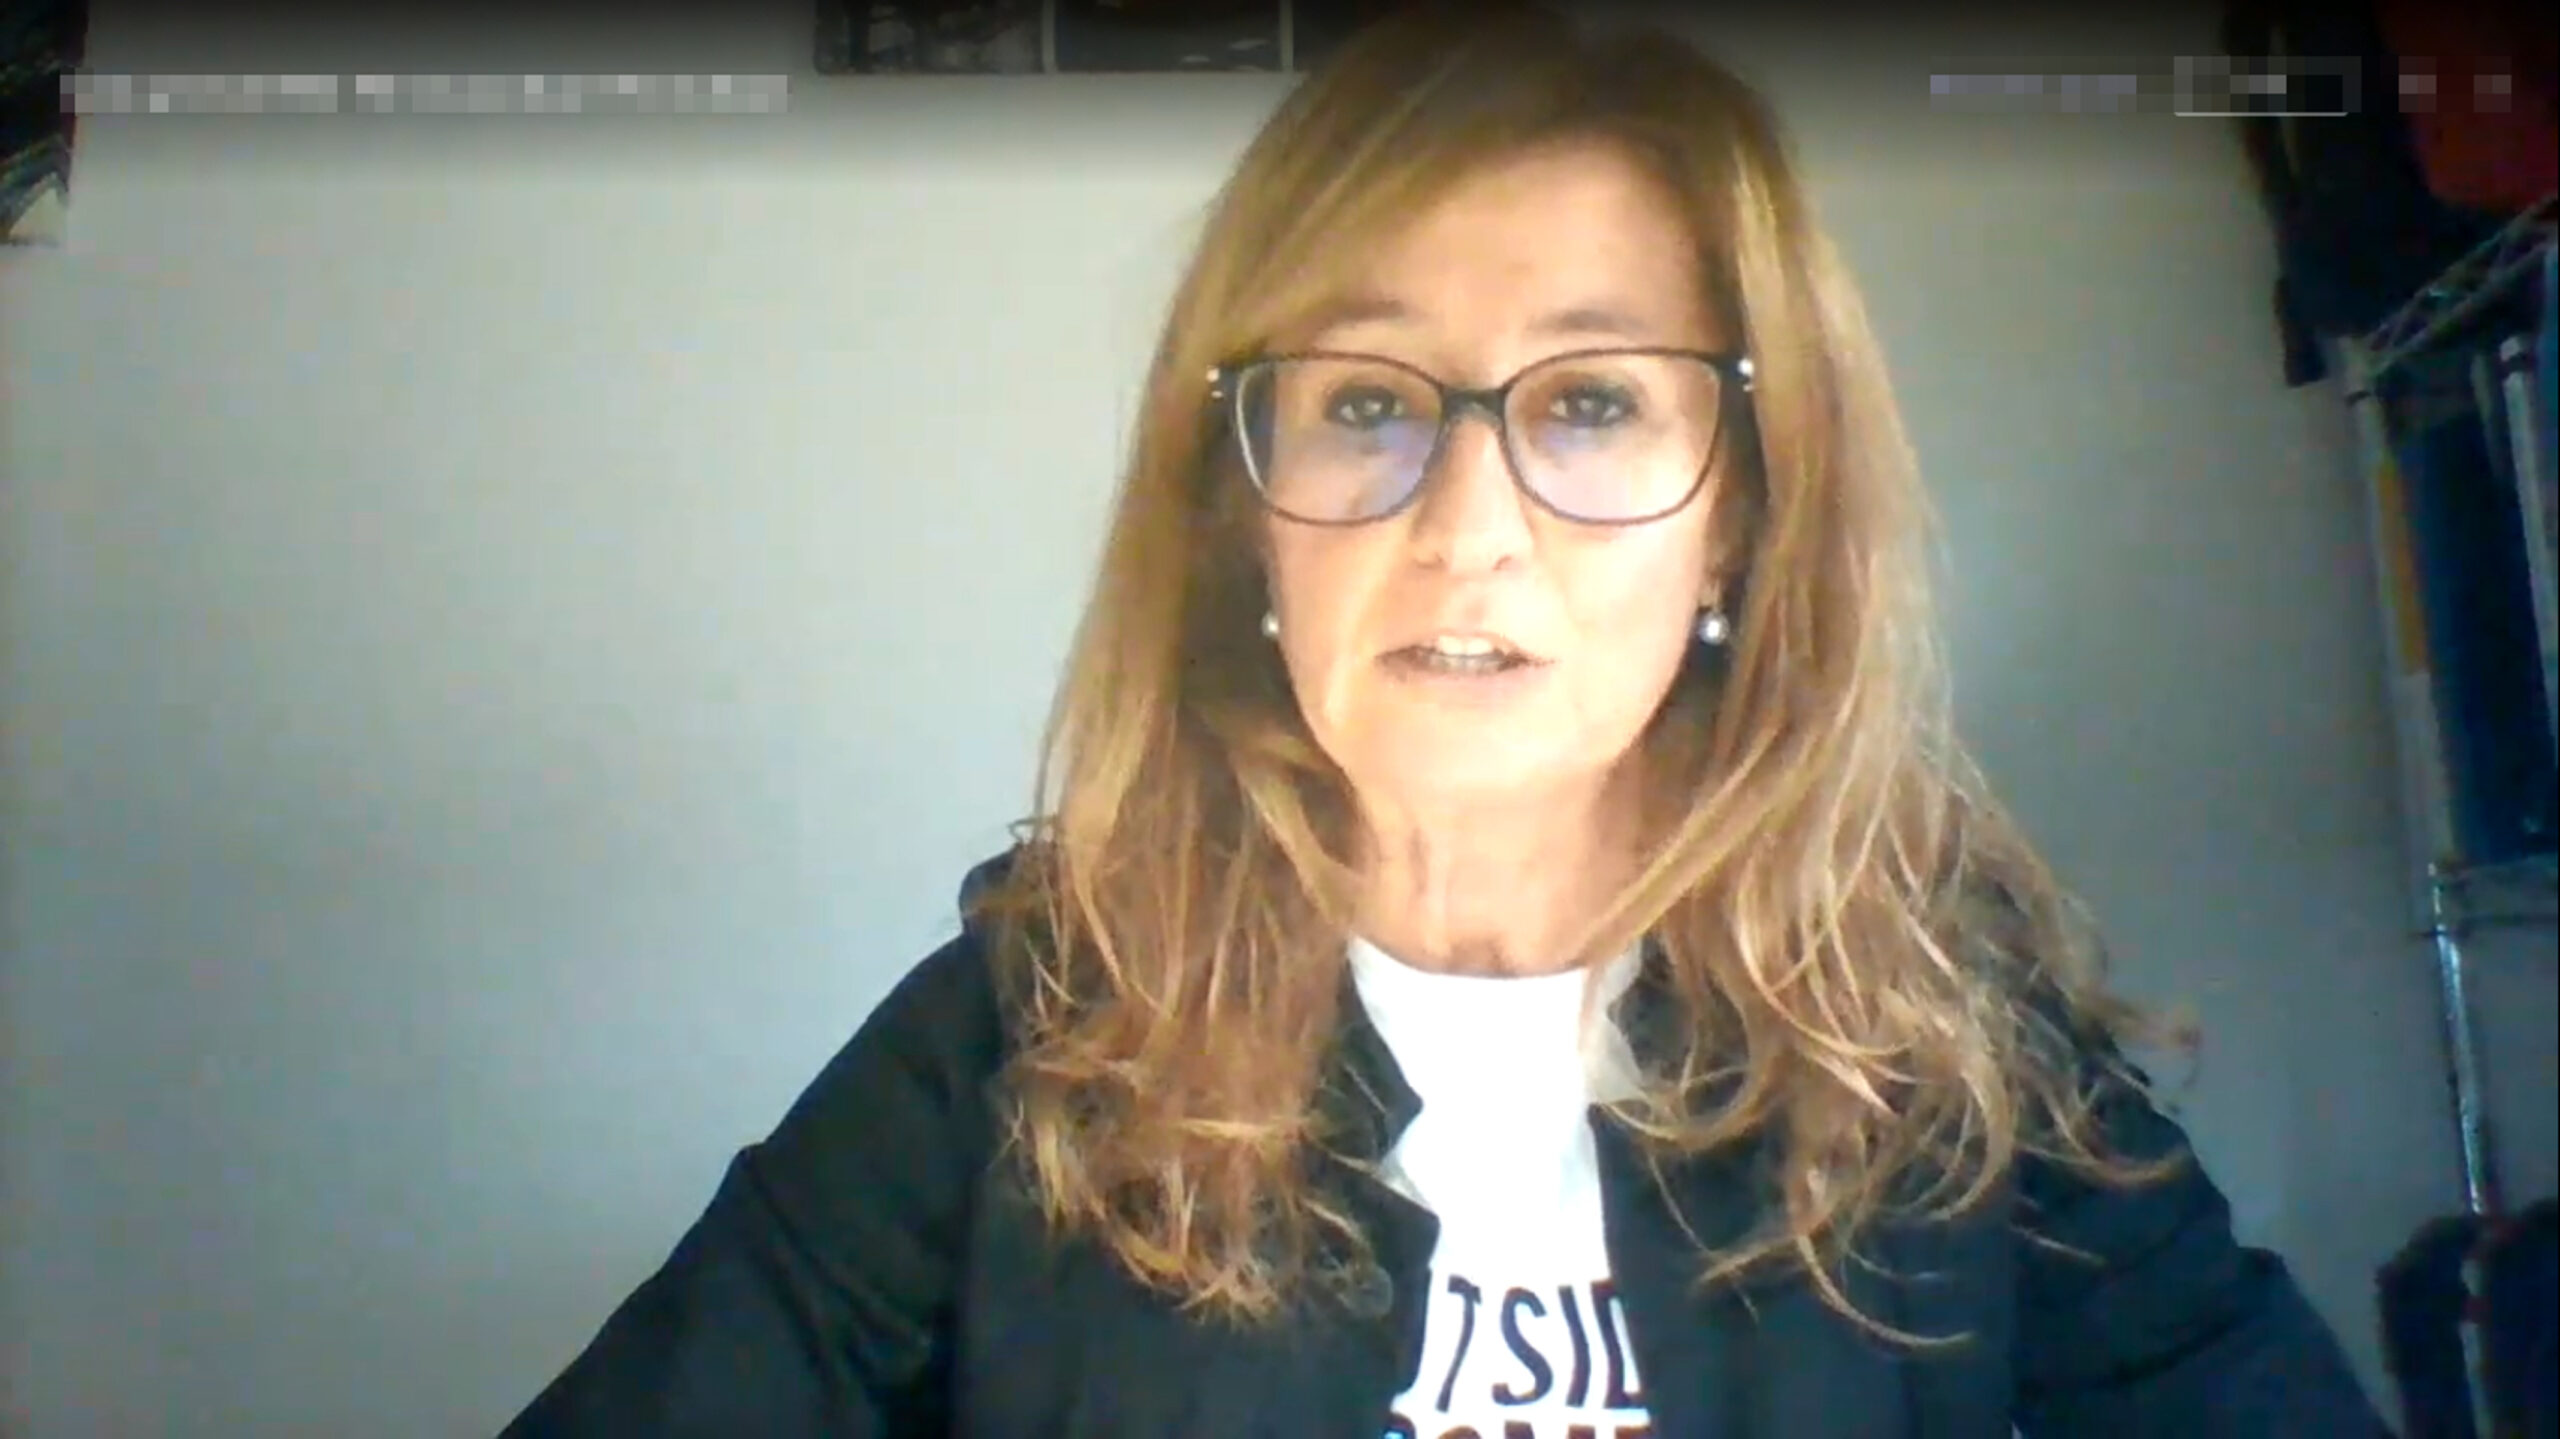 La regidora de JxCat a l'Ajuntament de Lleida, Anna Campos, en una captura de pantalla durant el ple de pressupostos de la Paeria per al 2021 | ACN